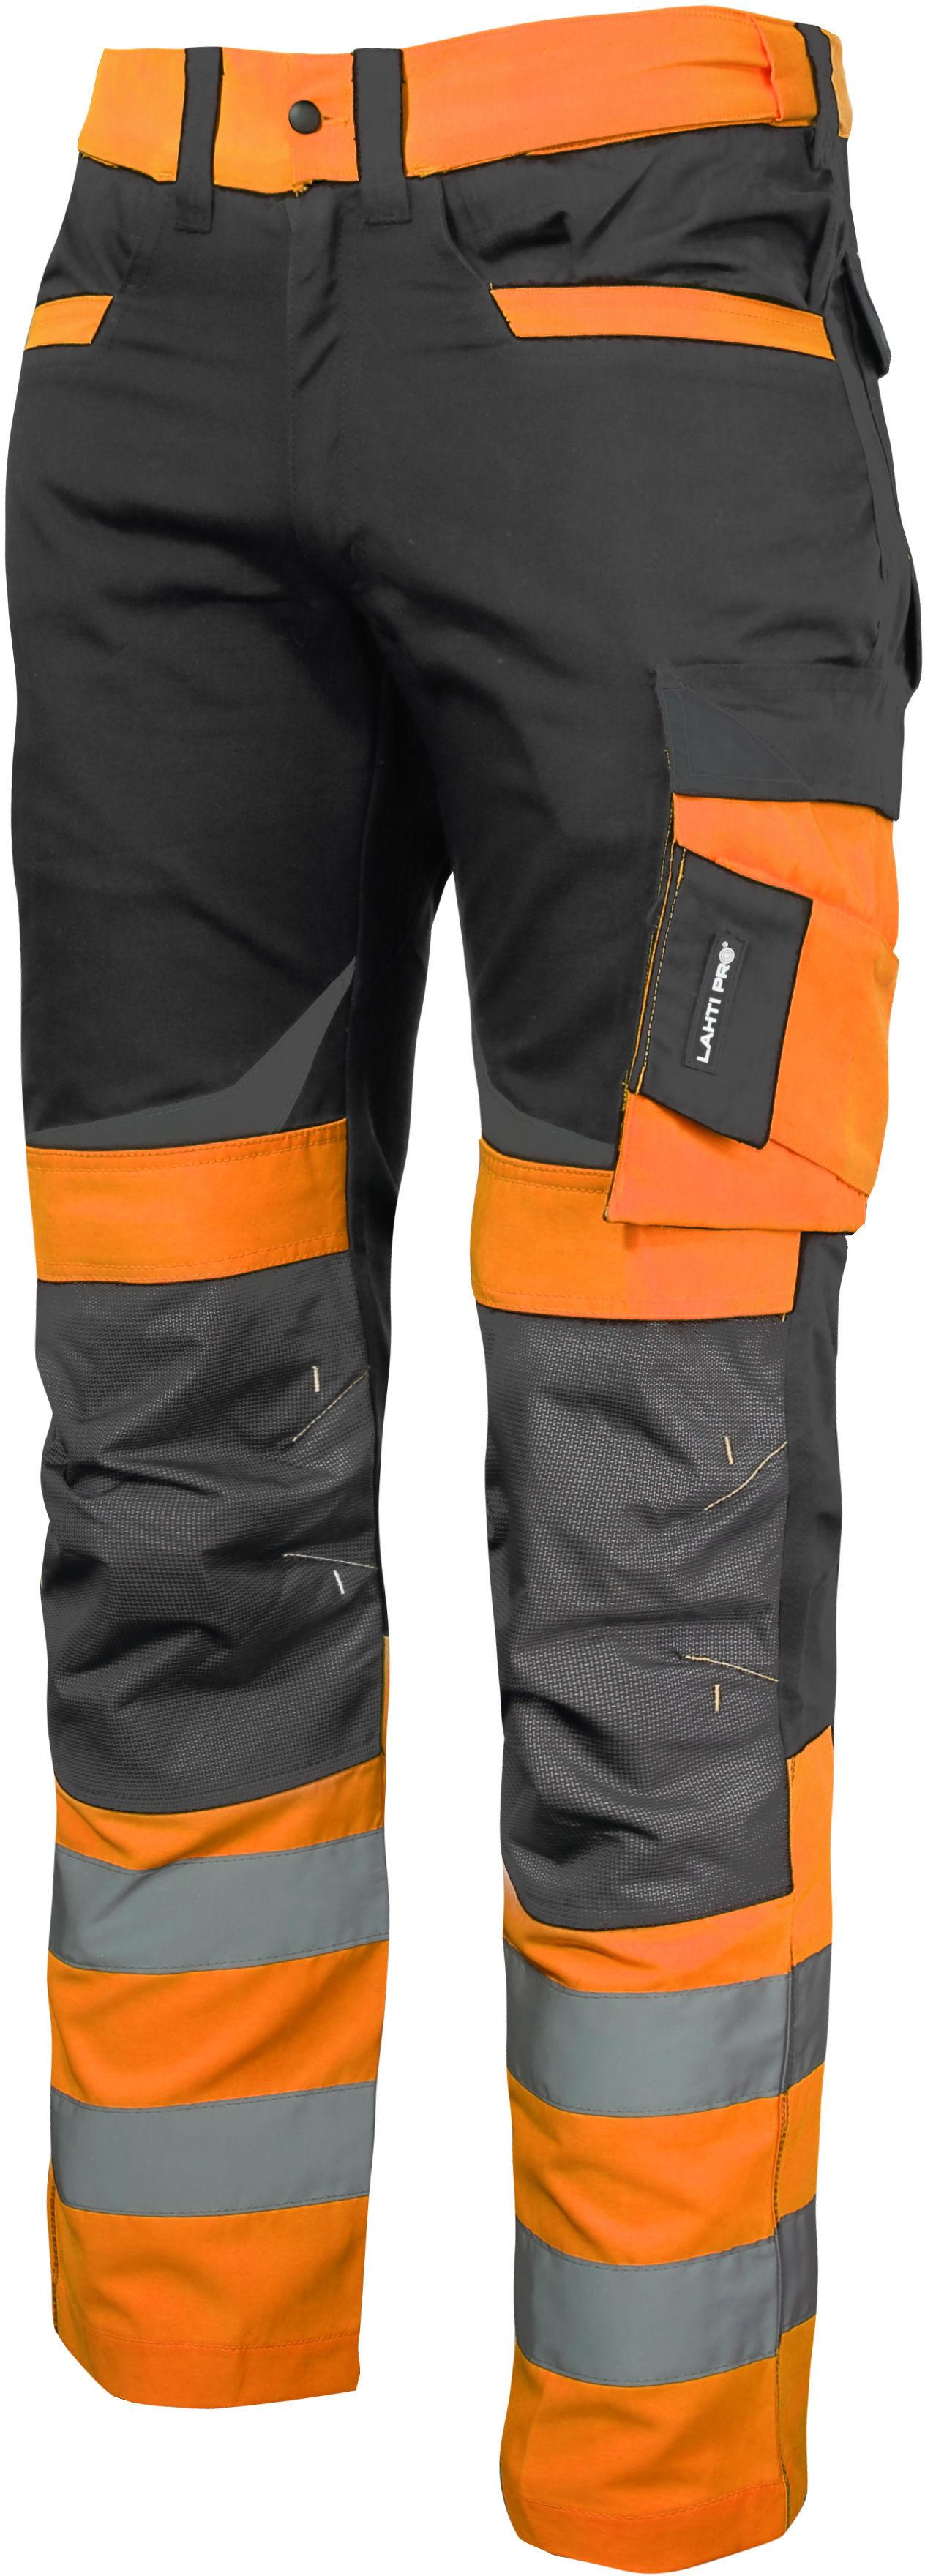 """Spodnie ostrzegawcze czarno-pomarańczowe, """"xl"""", ce, lahti"""